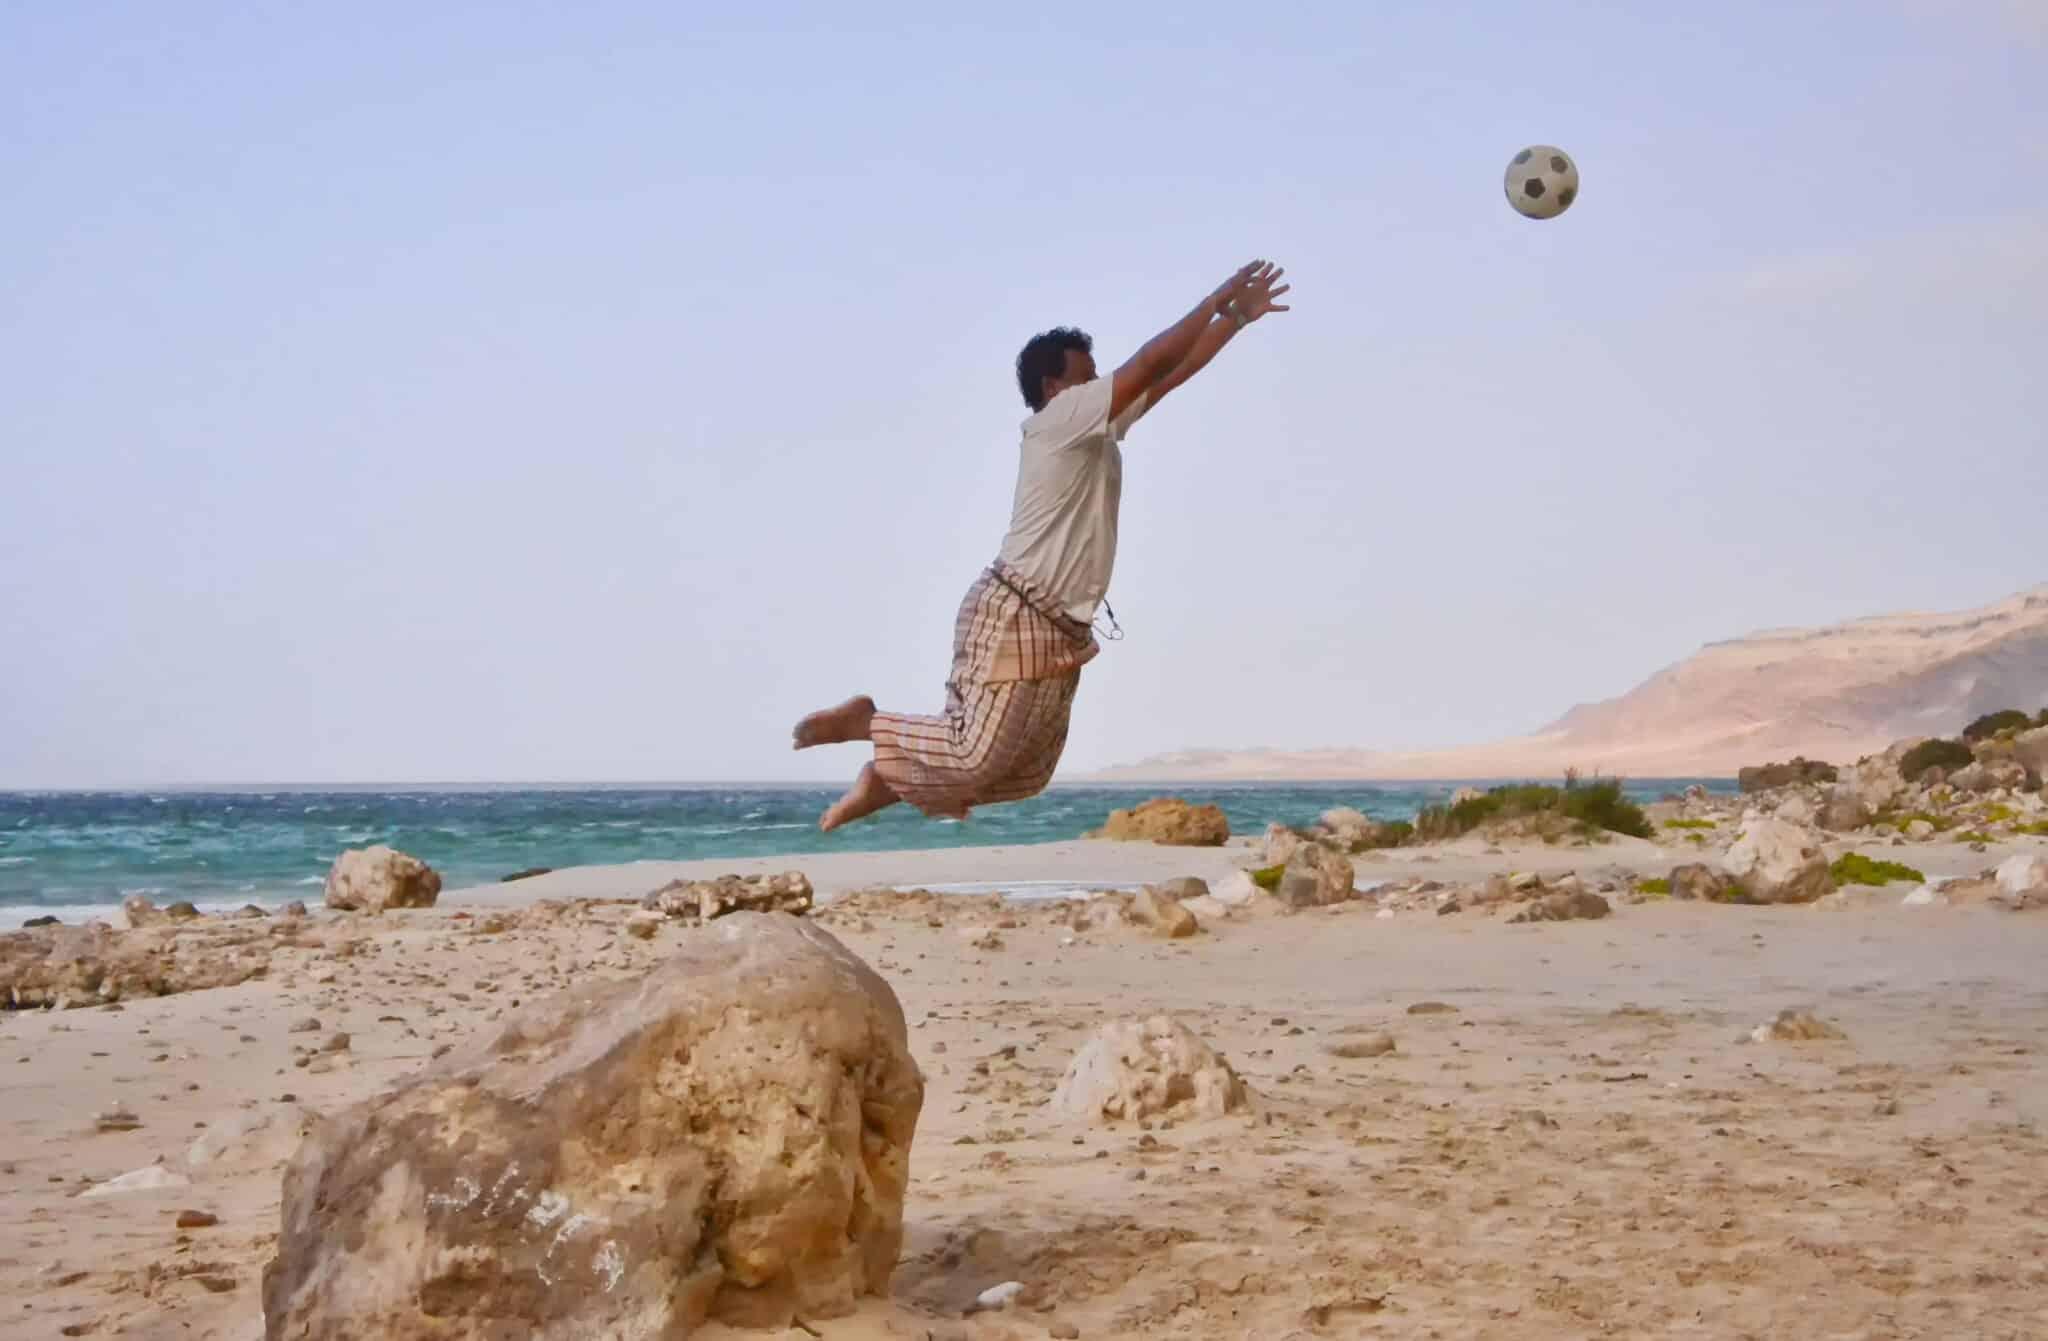 Un vecino de la isla juega al fútbol en la playa. Rod Waddington